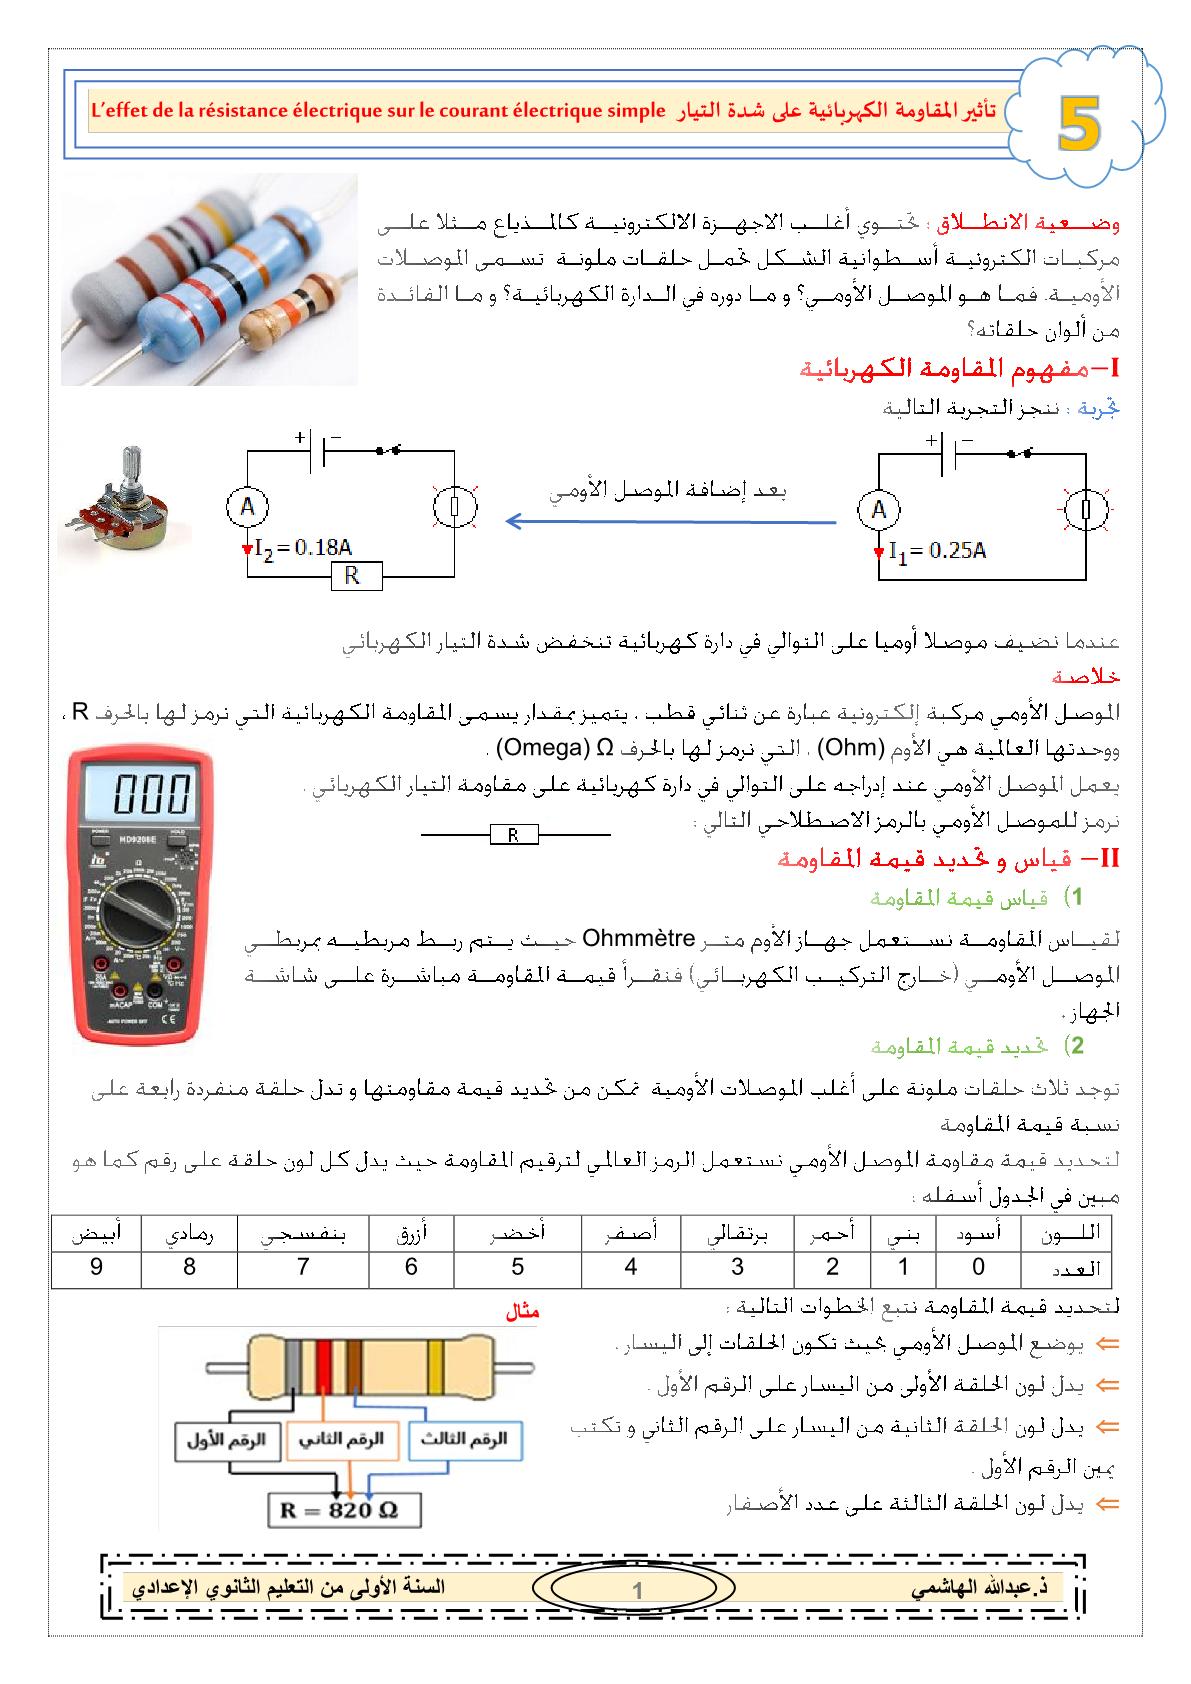 درس المقاومة الكهربائية مادة الفيزياء والكيمياء للمستوى الأولى إعدادي